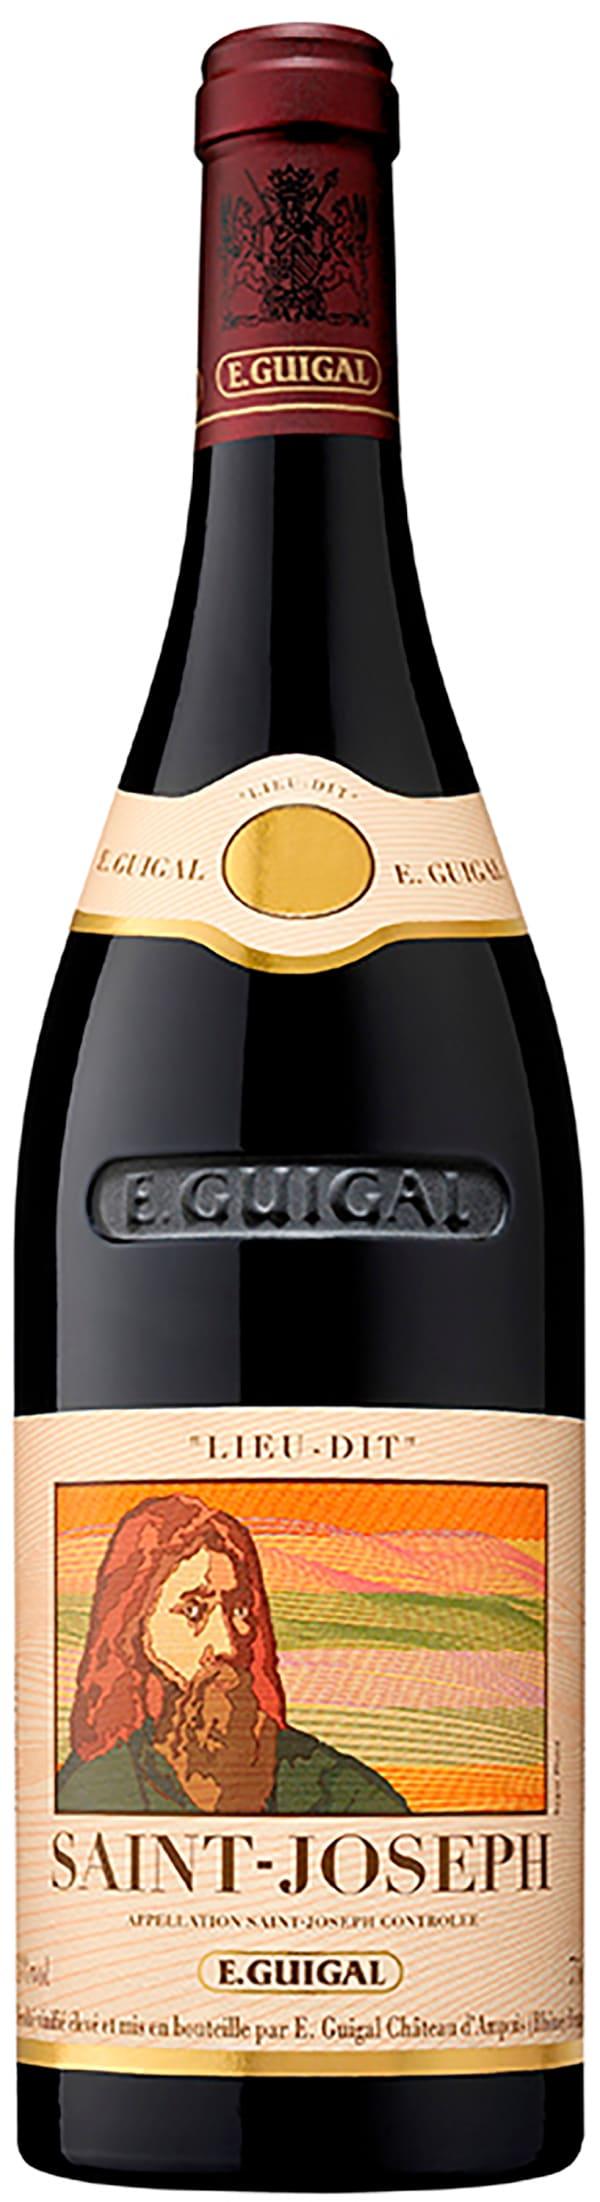 E. Guigal Saint-Joseph 'Lieu-dit' 2016